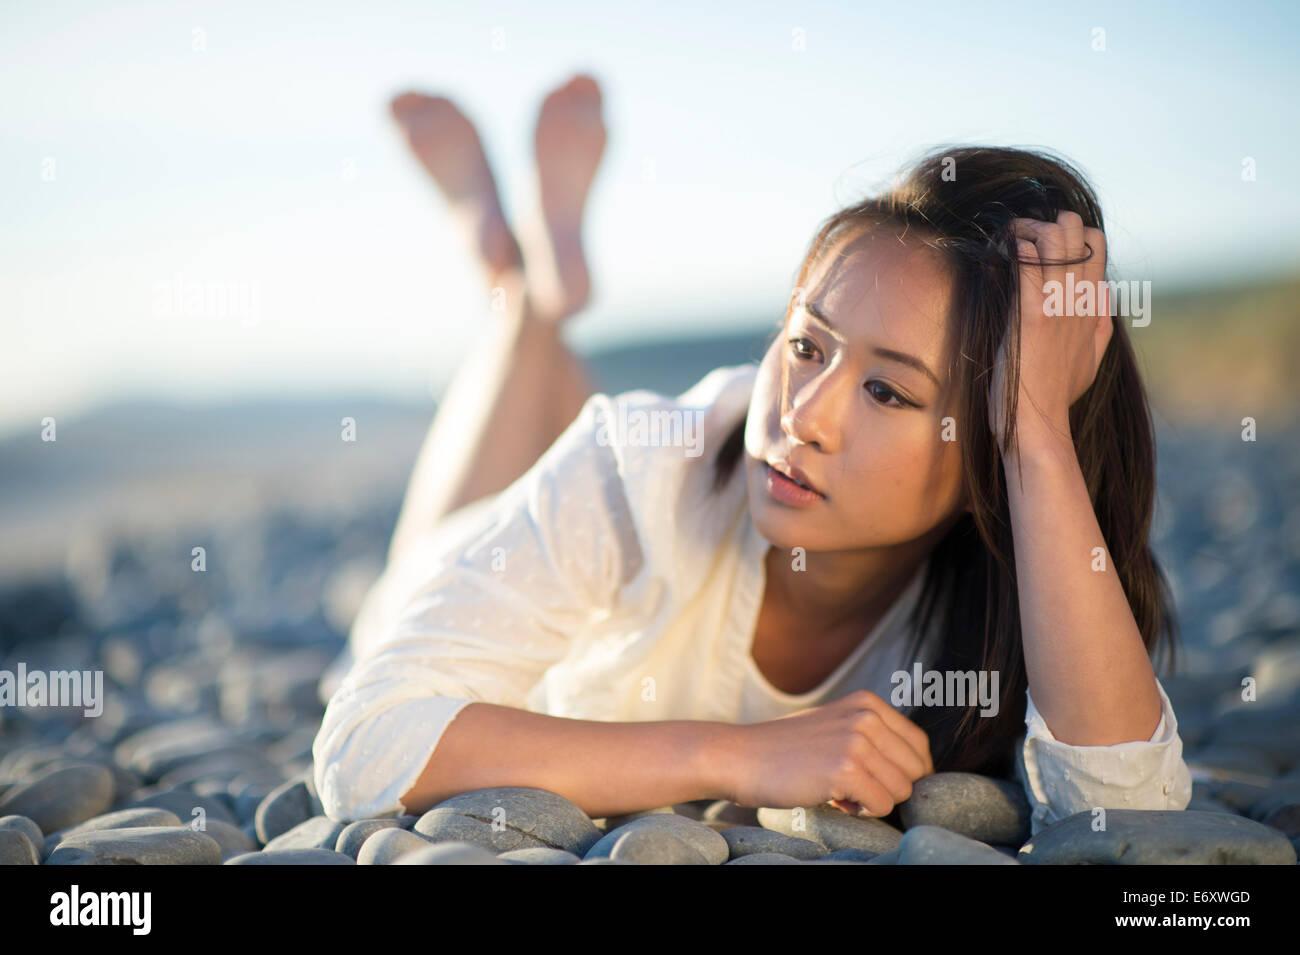 chinese hot women